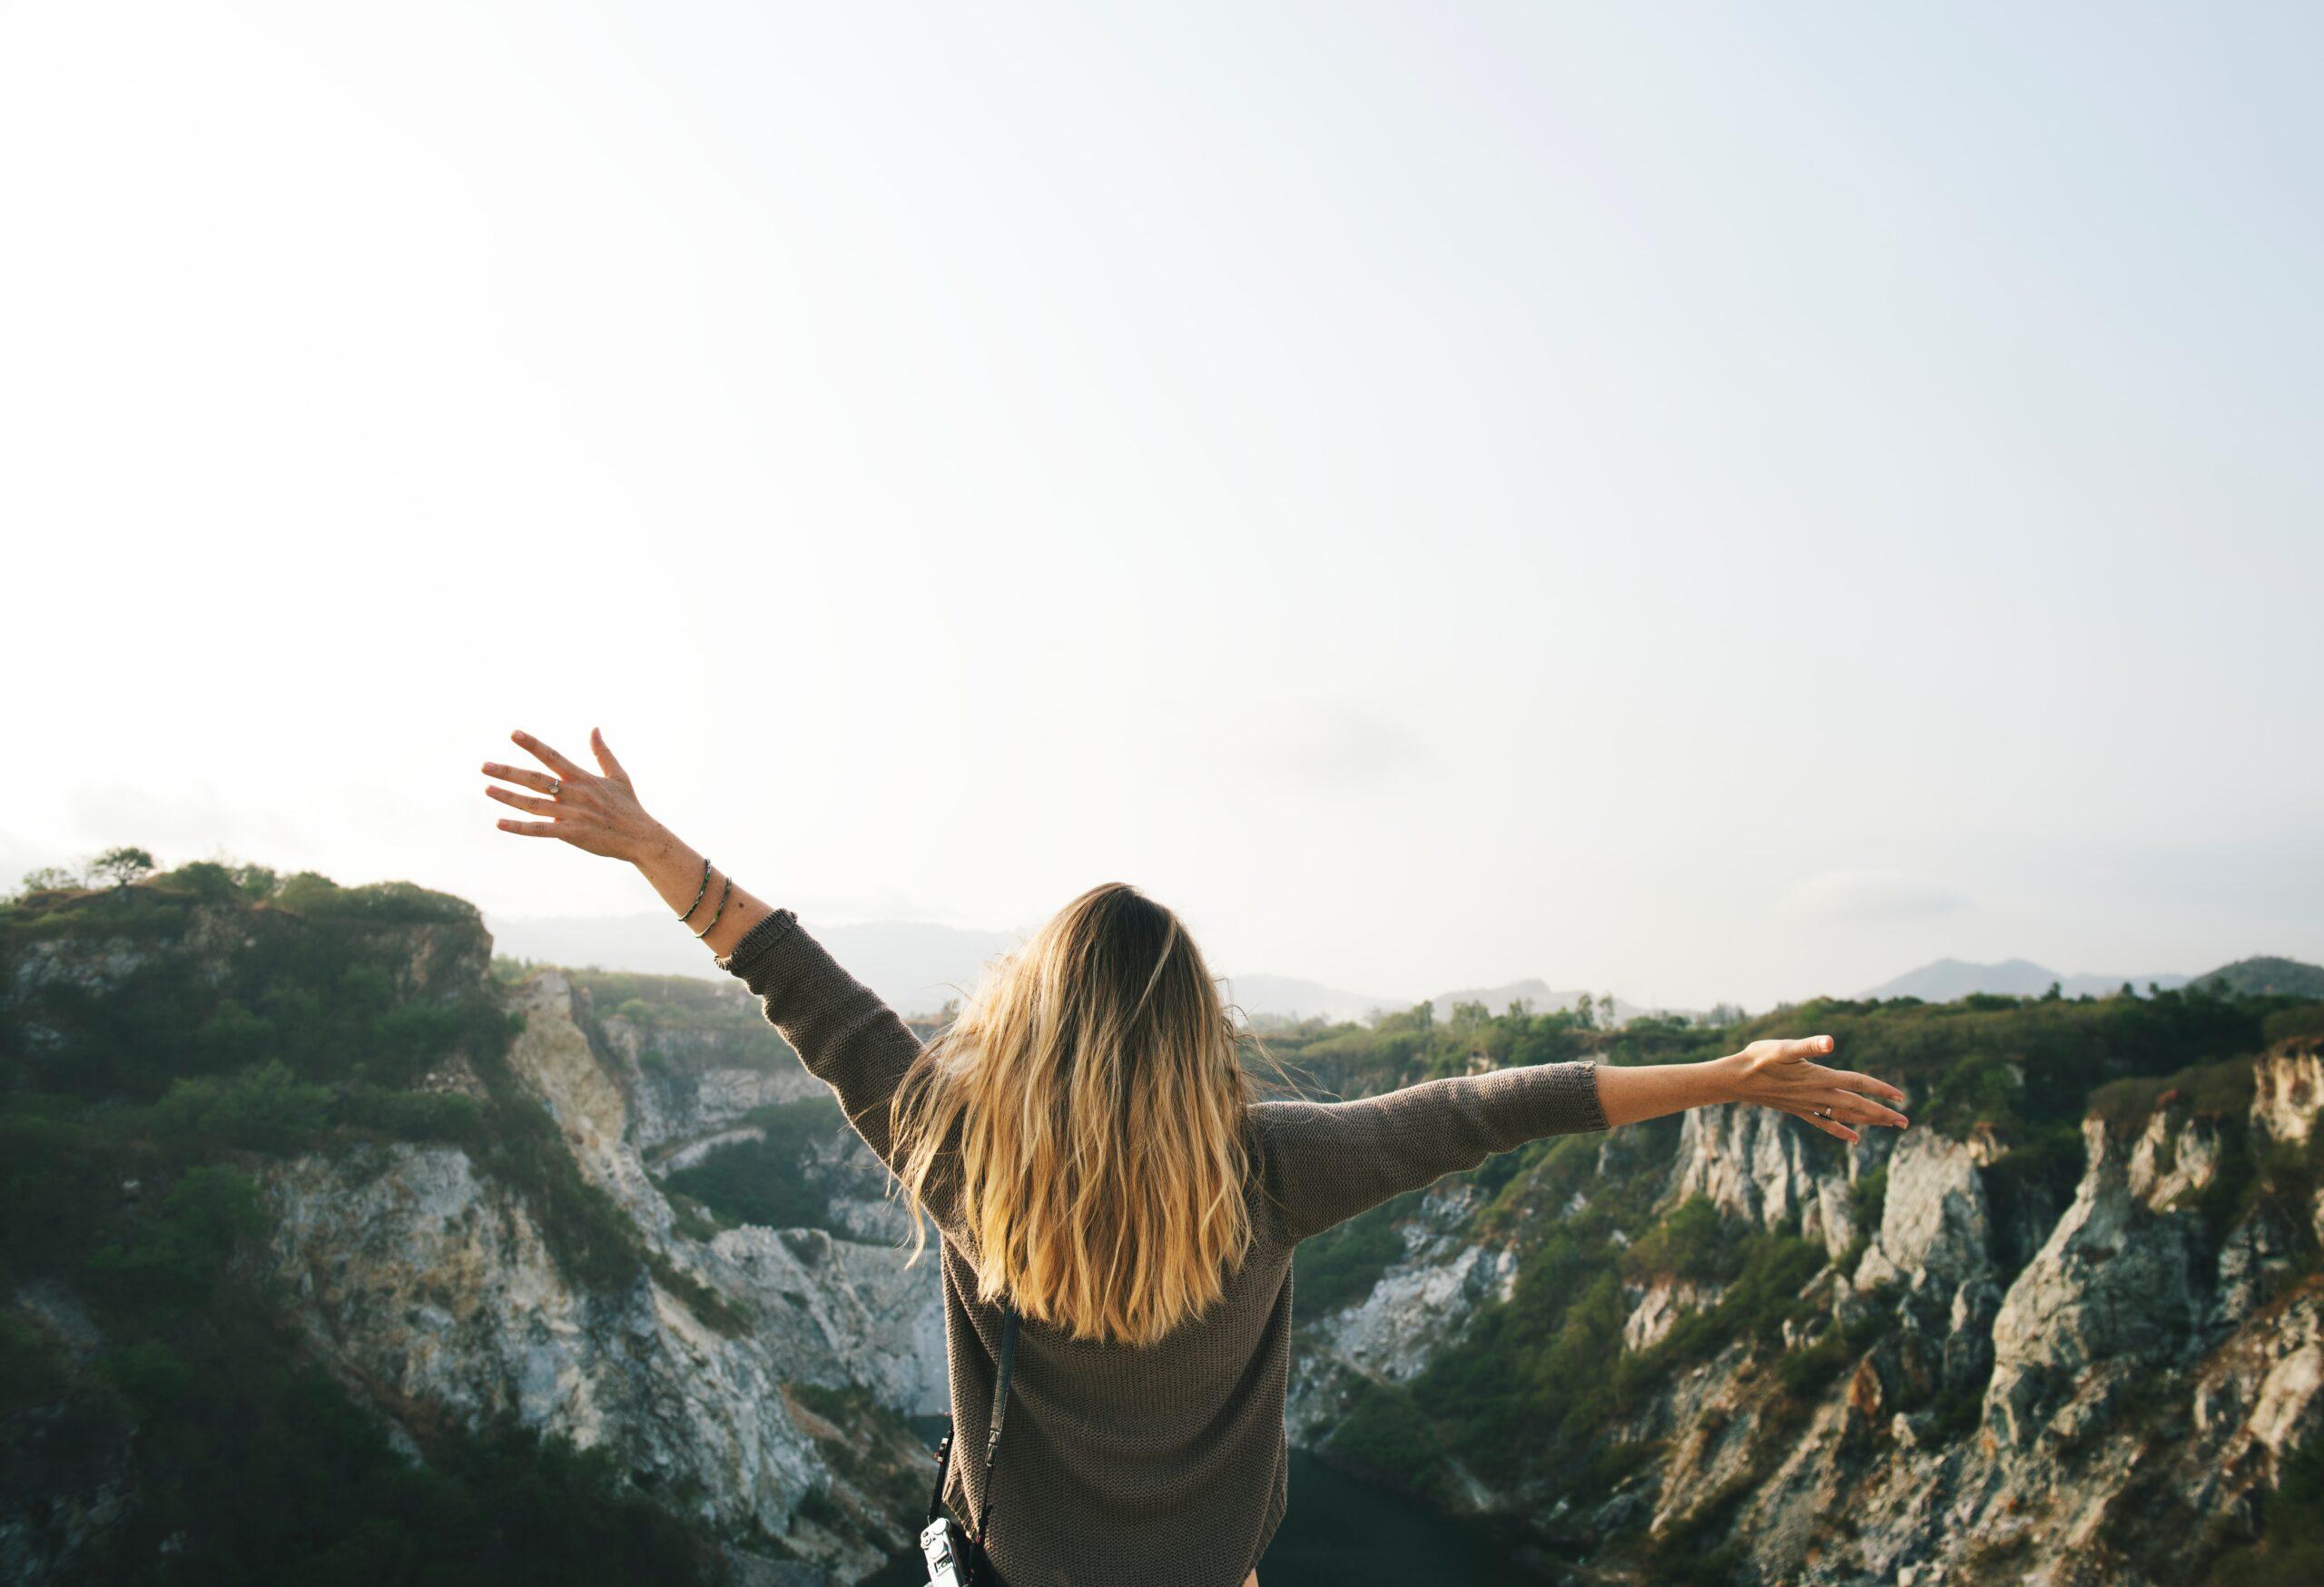 vrouw met open armen kijkt naar de vallei